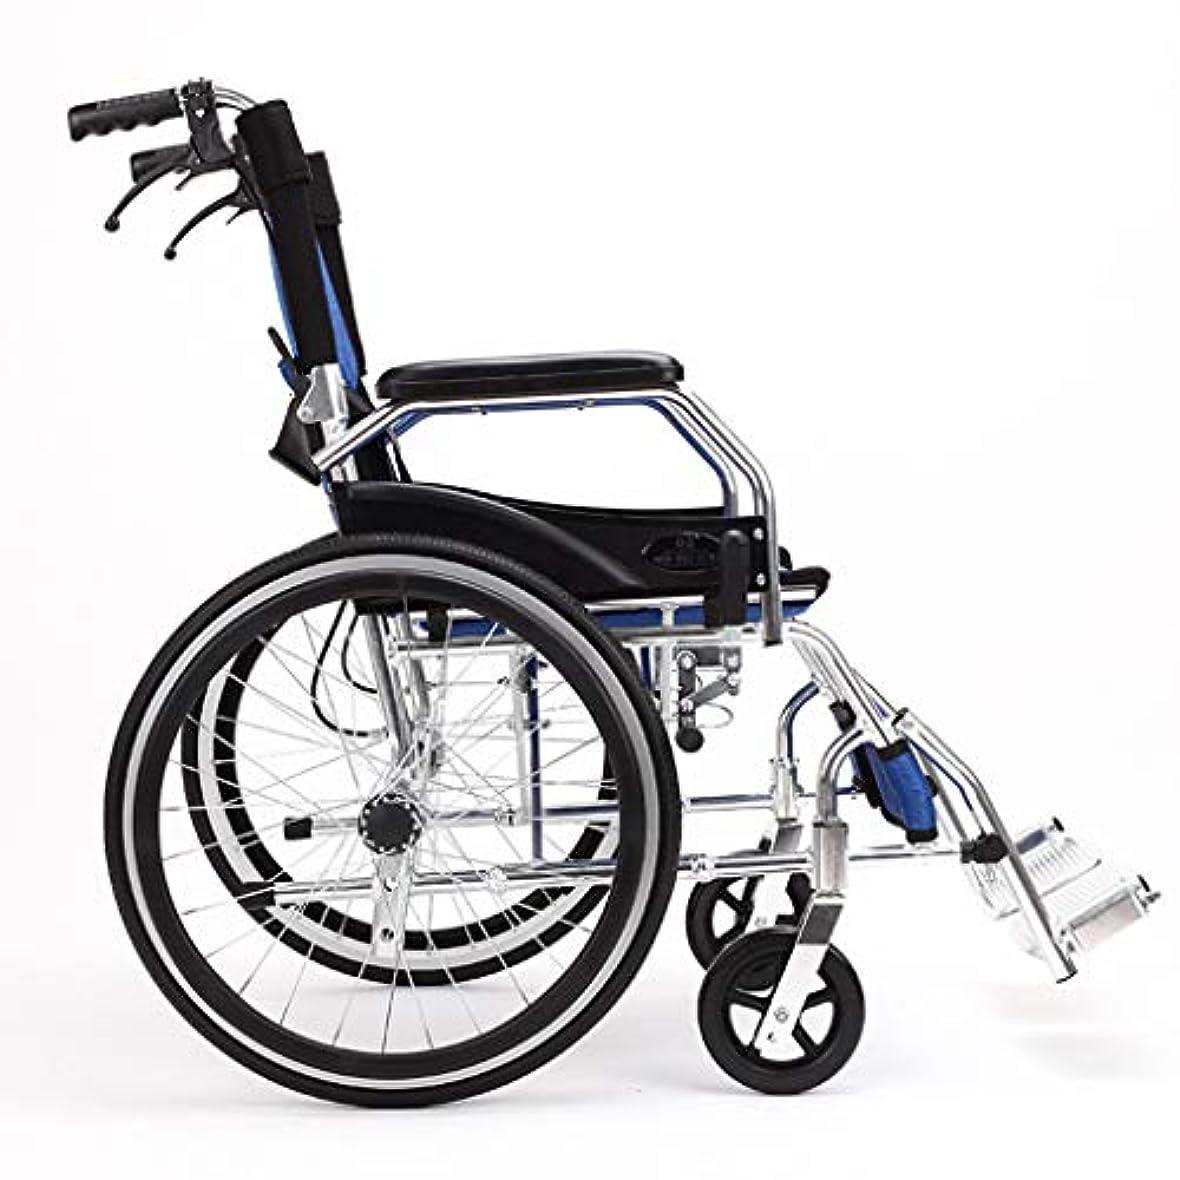 ケニア見落とす素朴な折りたたみ式車椅子超軽量ポータブル、20インチPUタイヤ、高齢者障害者手押し車椅子